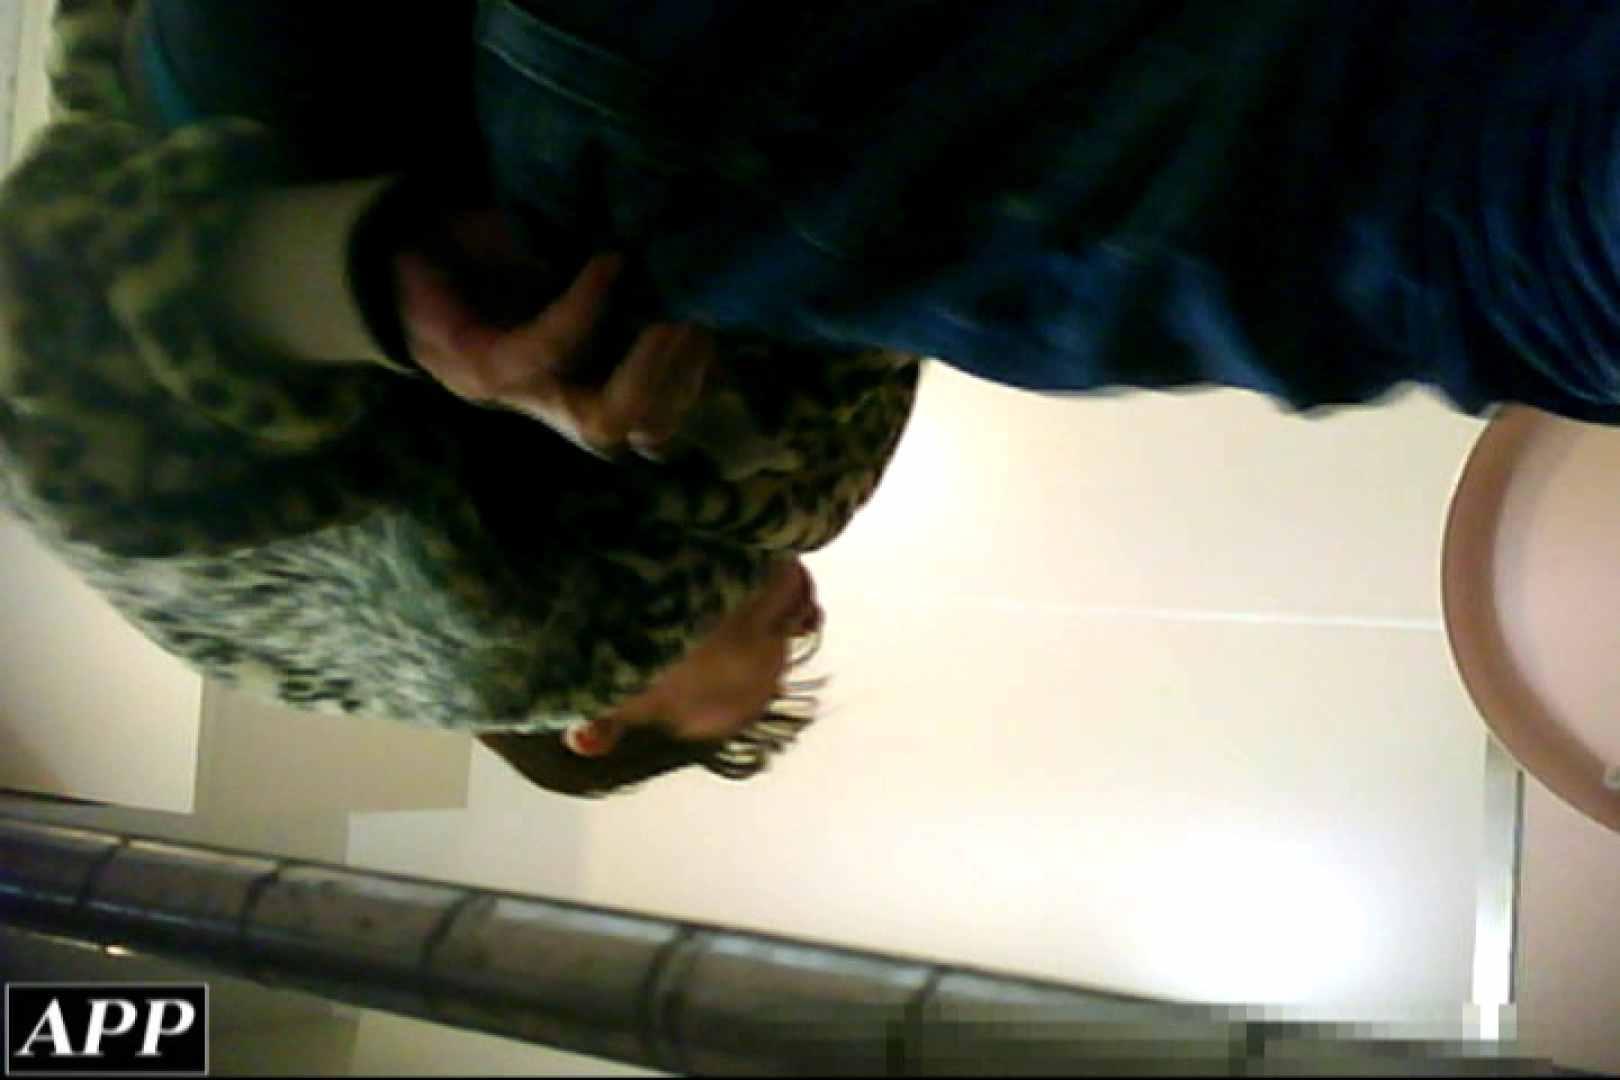 3視点洗面所 vol.37 マンコ セックス画像 84pic 75